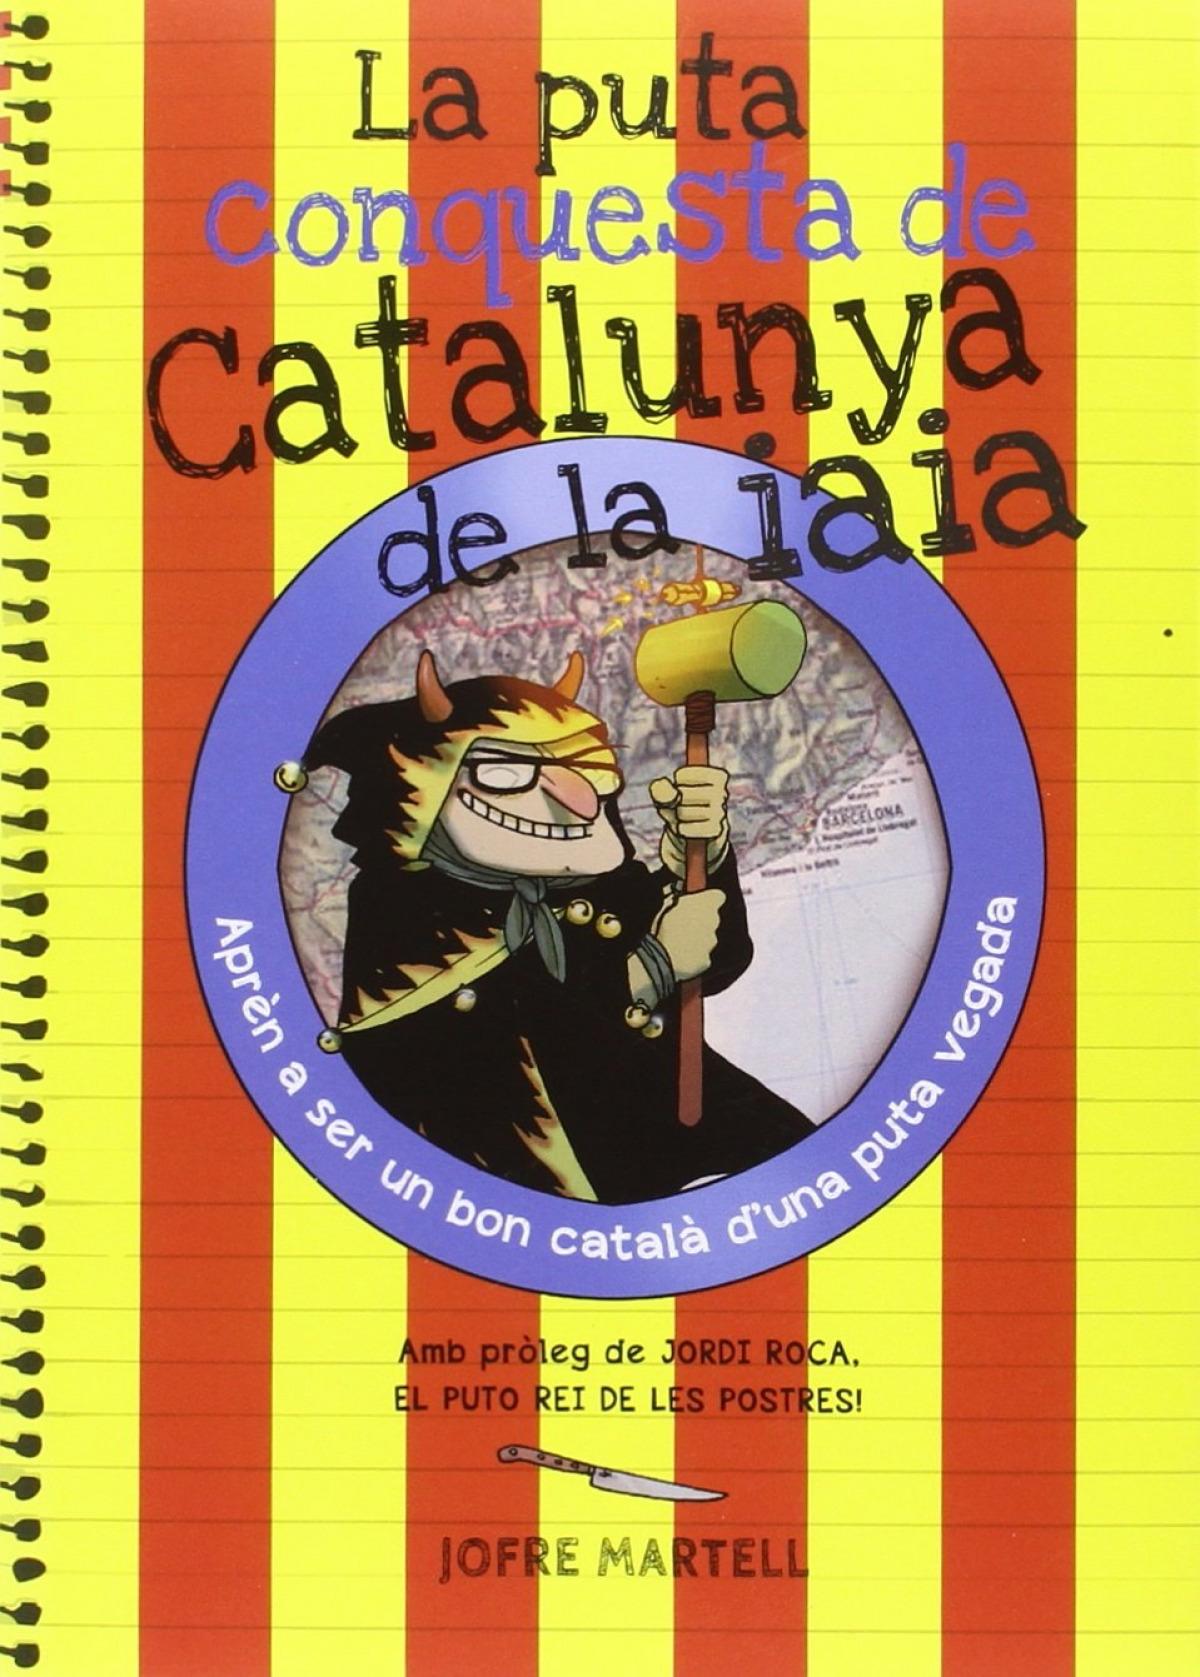 Puta conquesta de Catalunya de la iaia 9788494386053